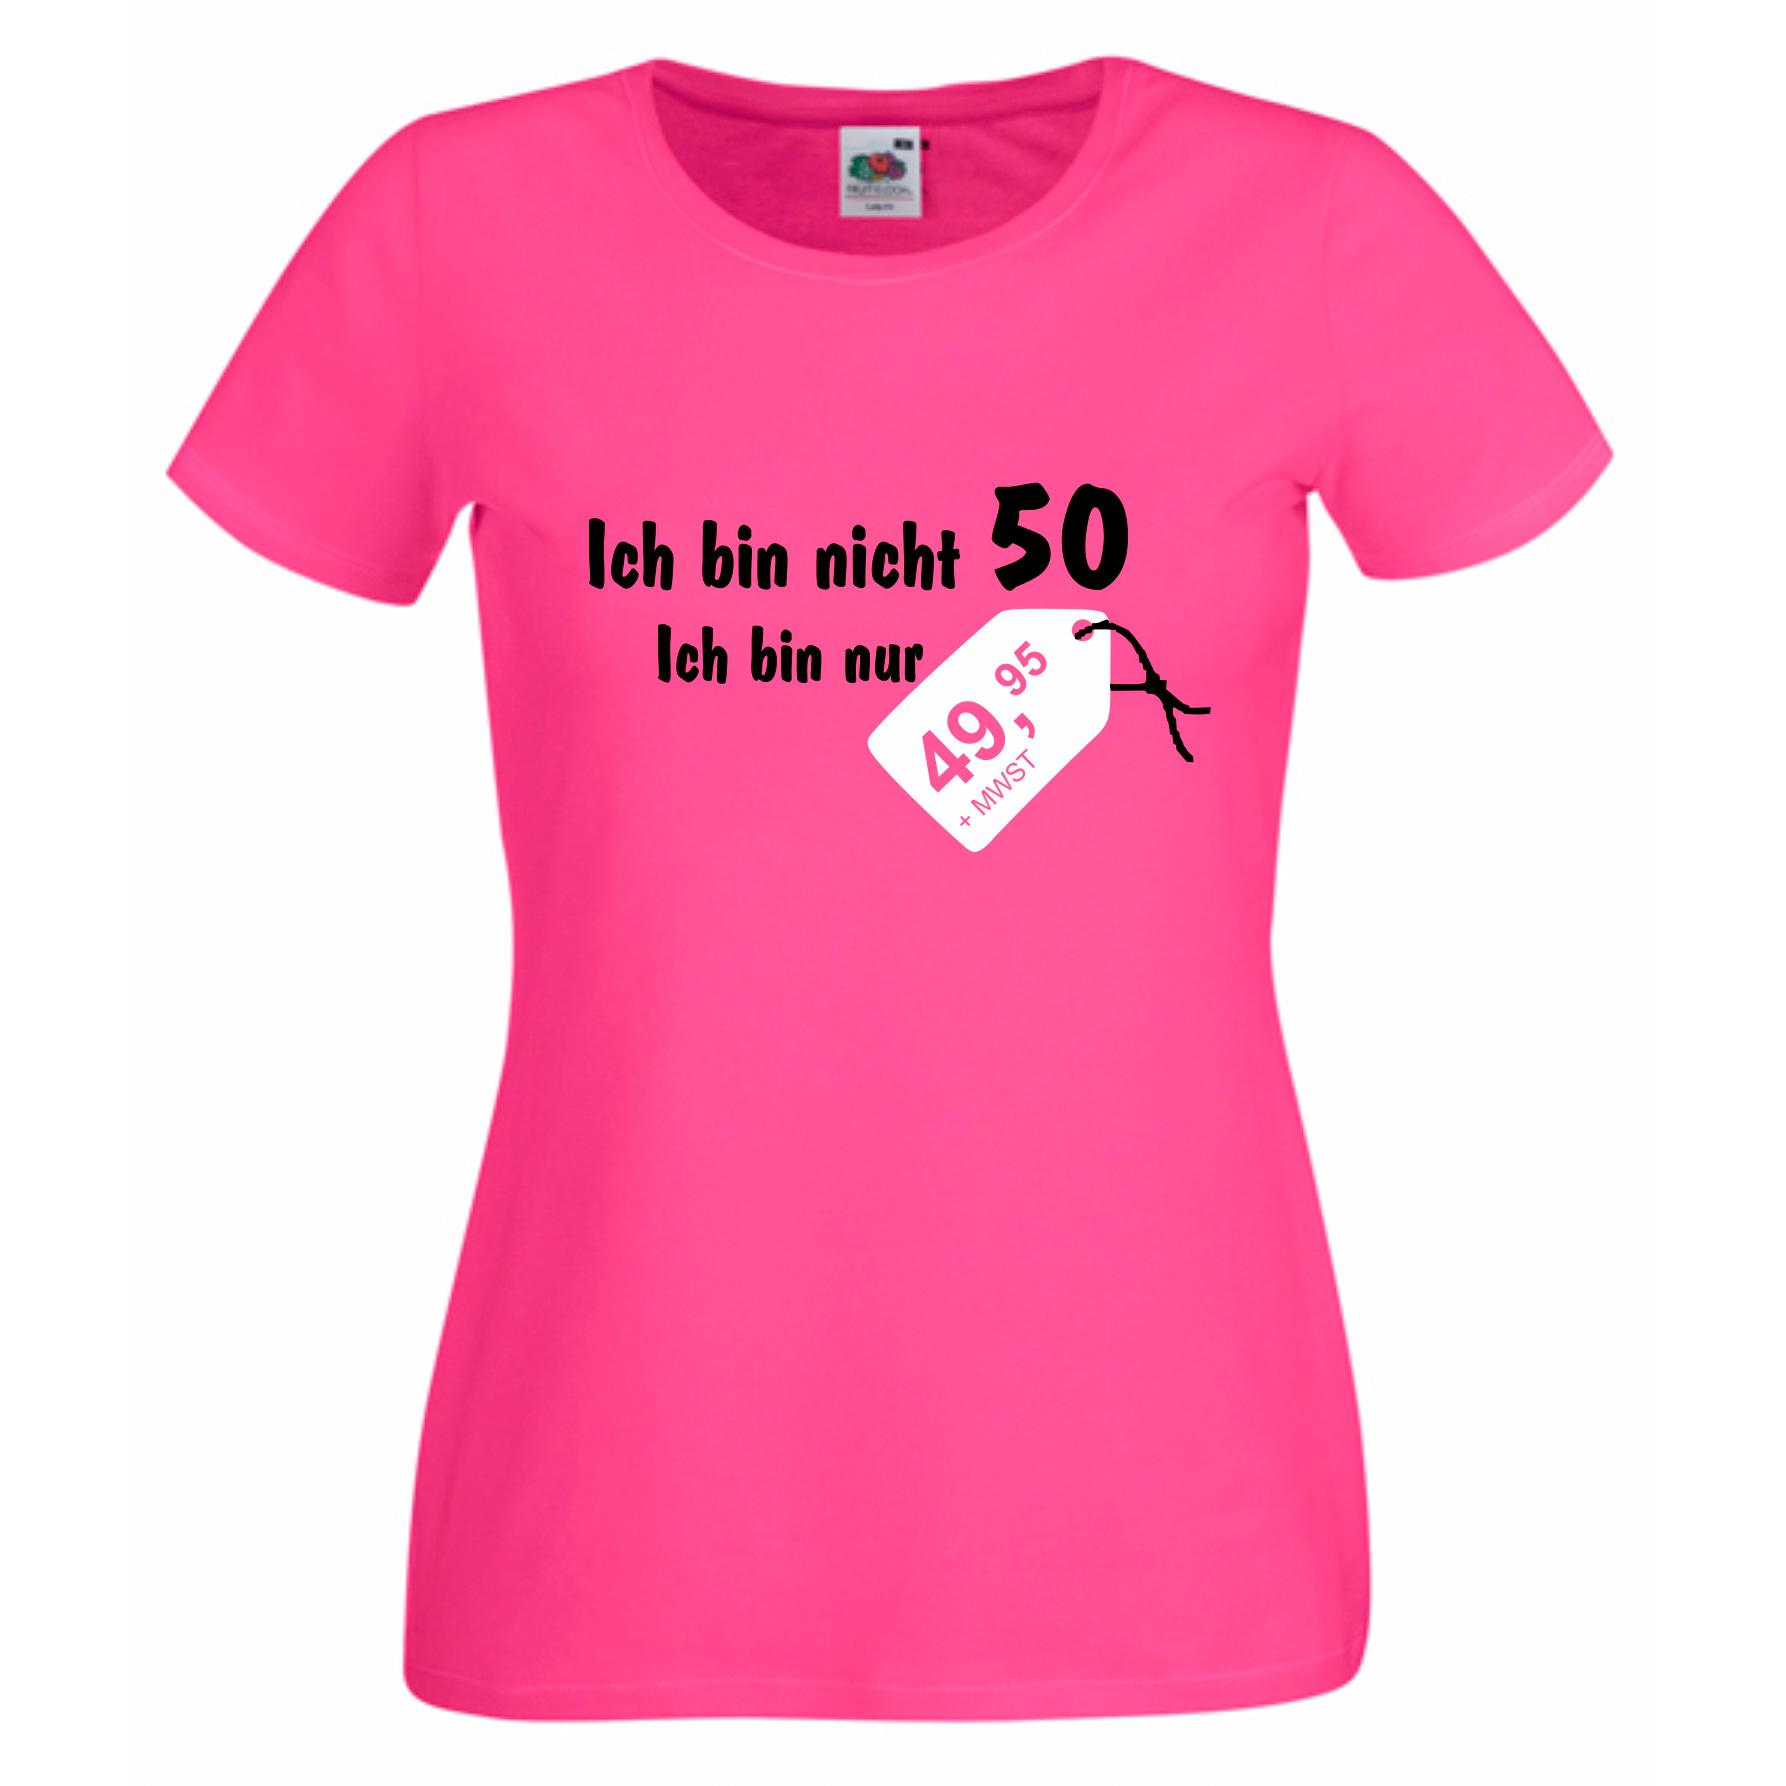 damen t shirt geburtstag ich bin nicht 50 shirt department. Black Bedroom Furniture Sets. Home Design Ideas